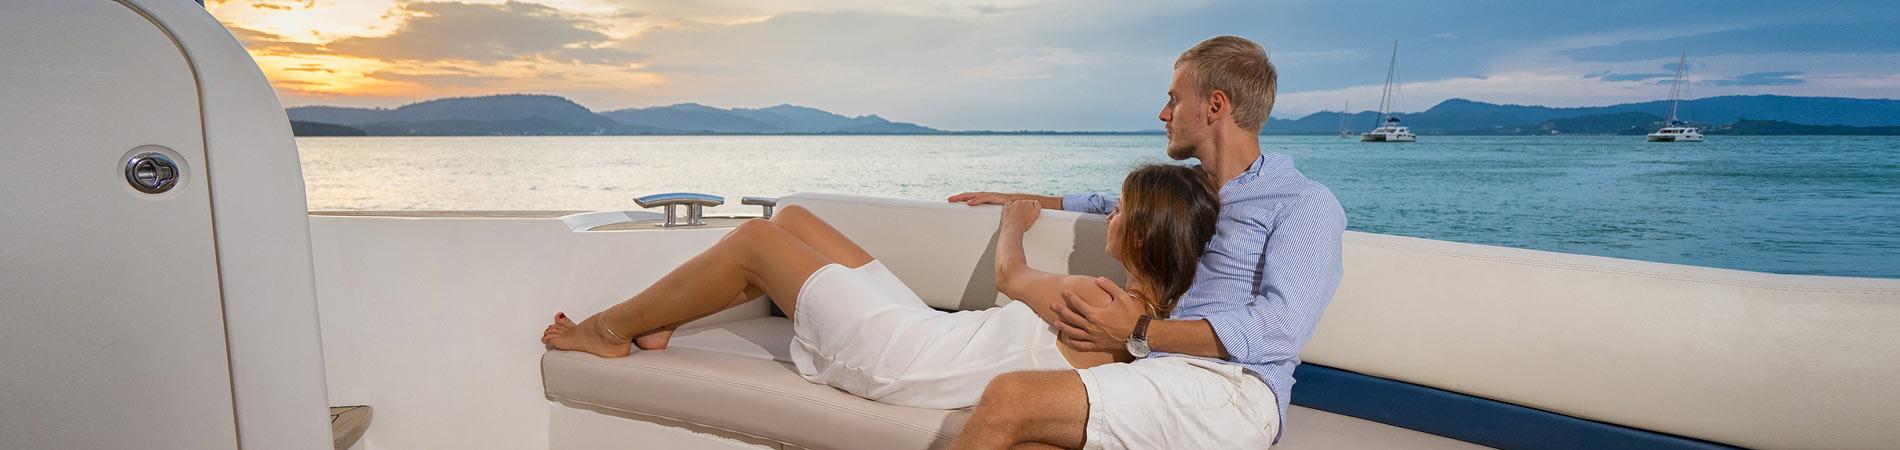 urlaub auf der luxus yacht in raten zahlen. Black Bedroom Furniture Sets. Home Design Ideas